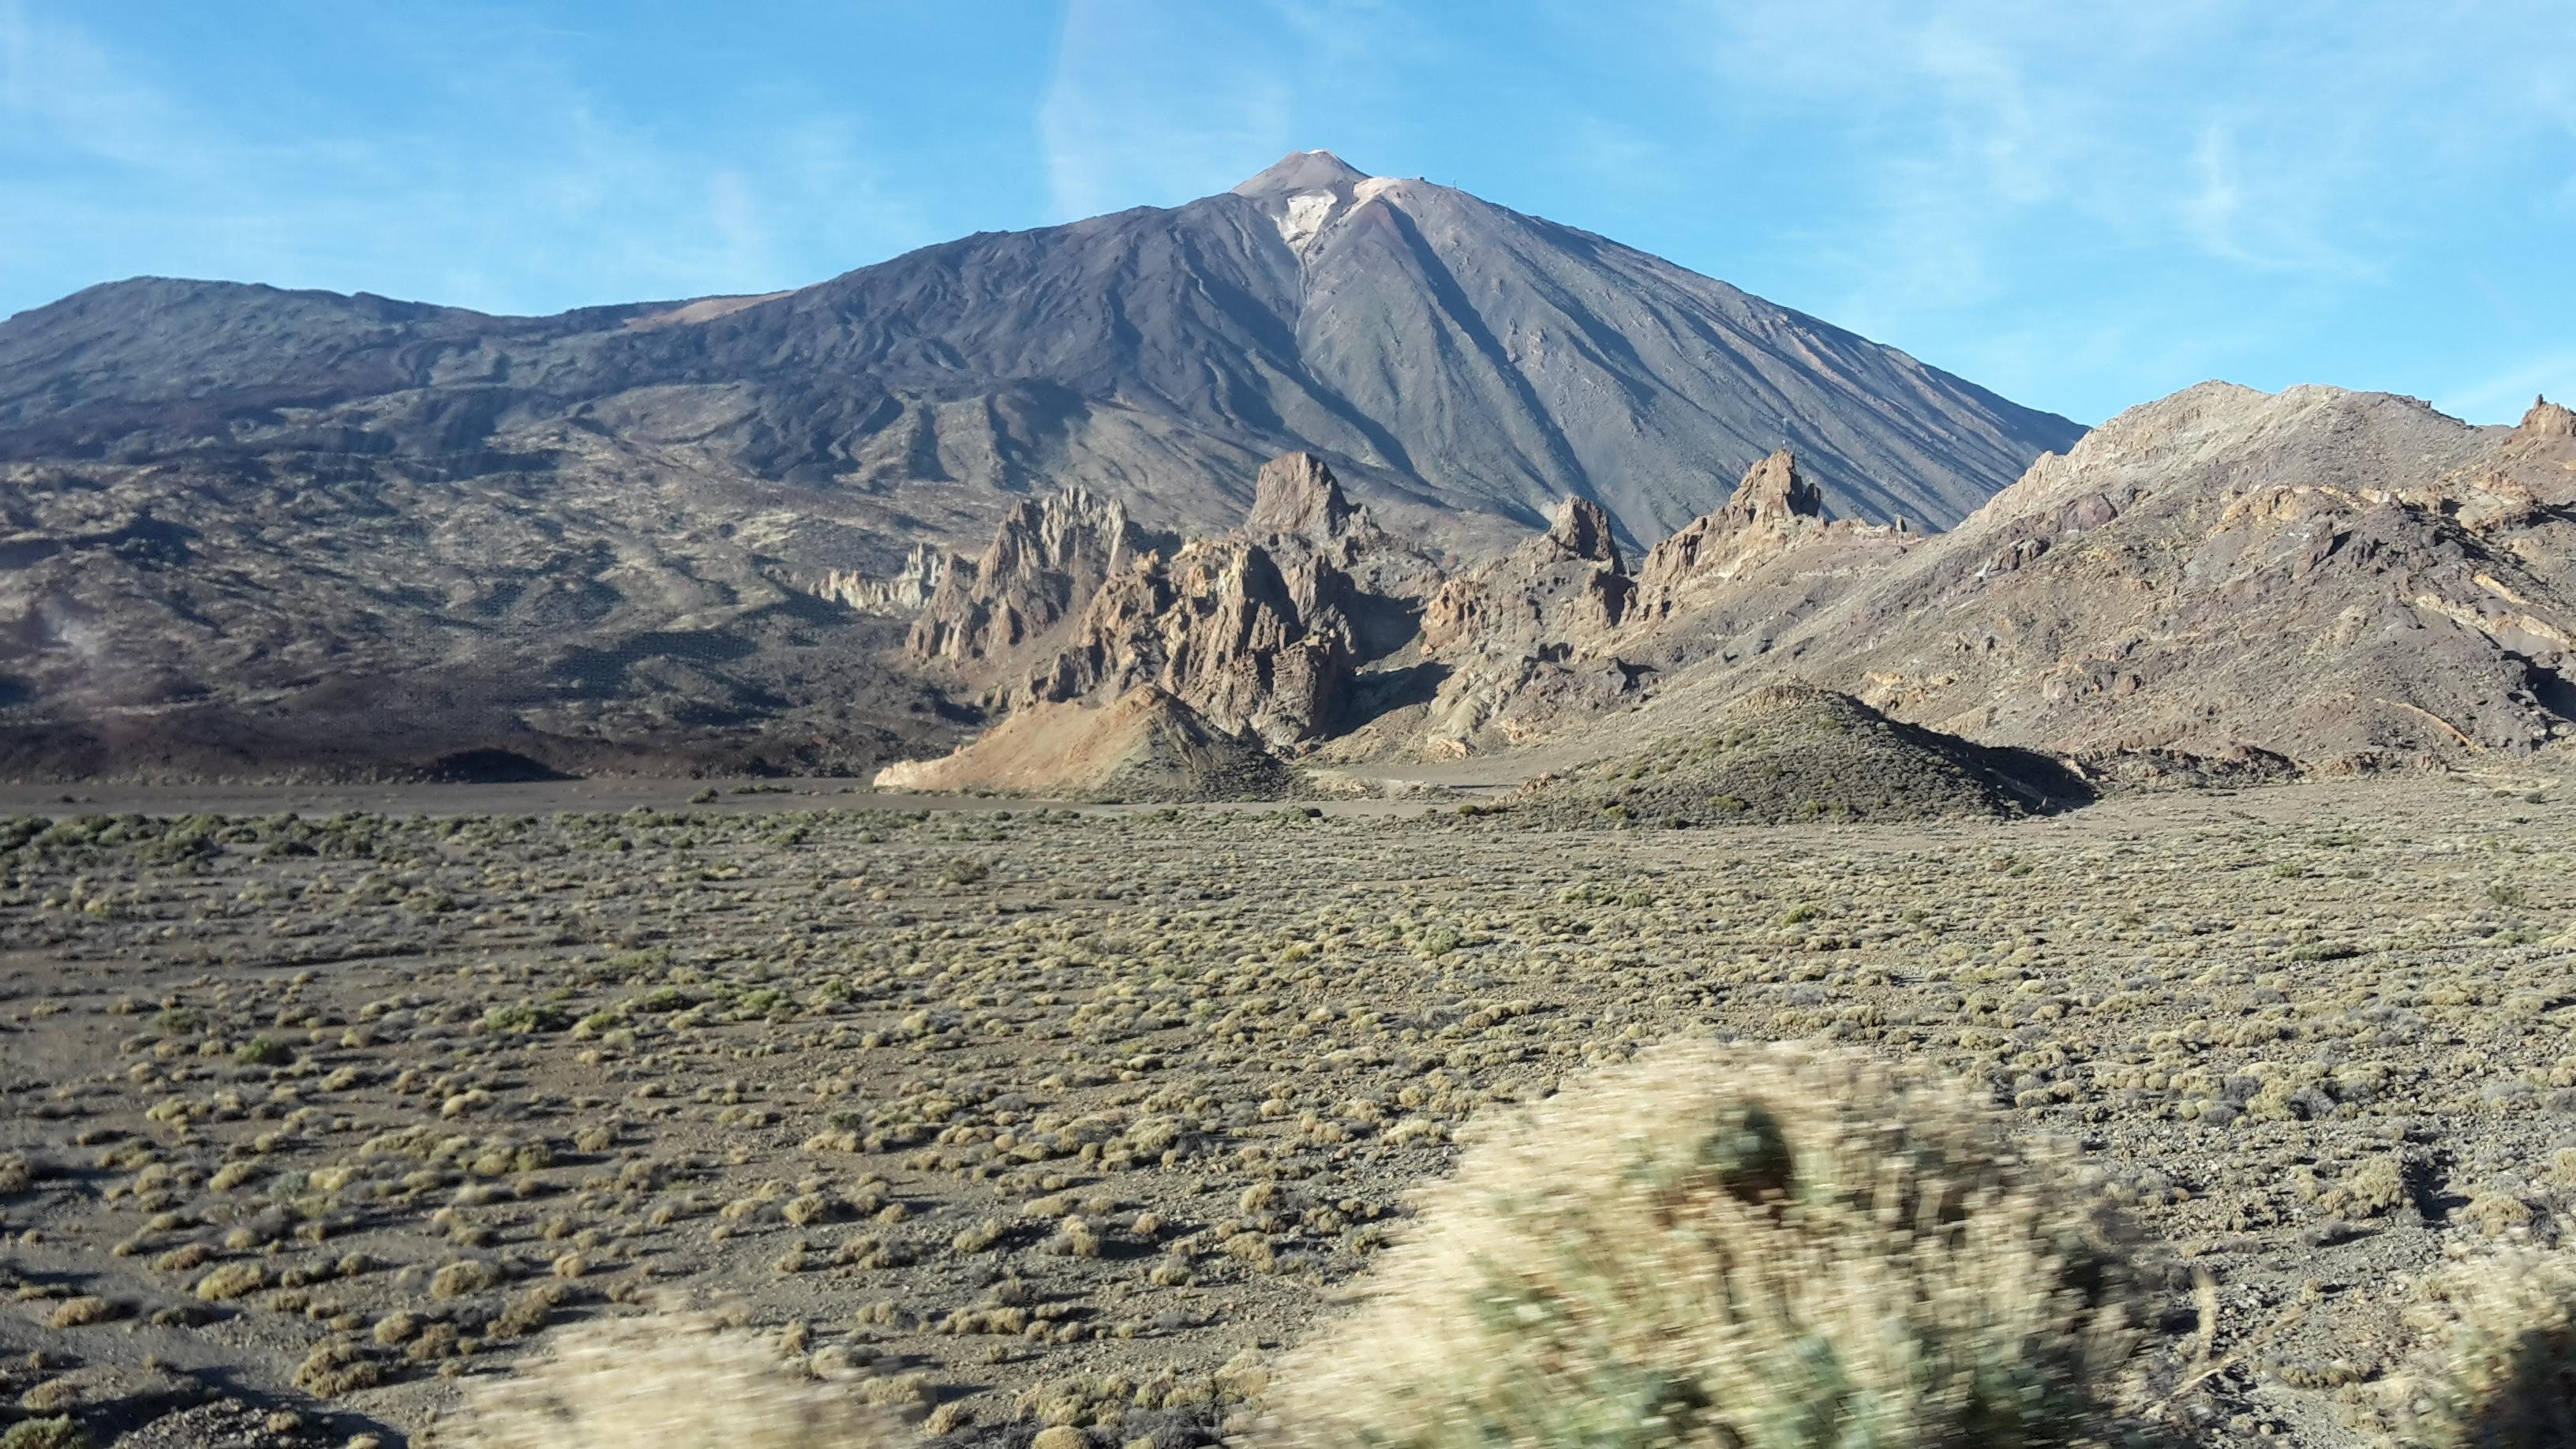 El Pico del Teide, Tenerife, îles Canaries (3718 m). © Andréa Haug